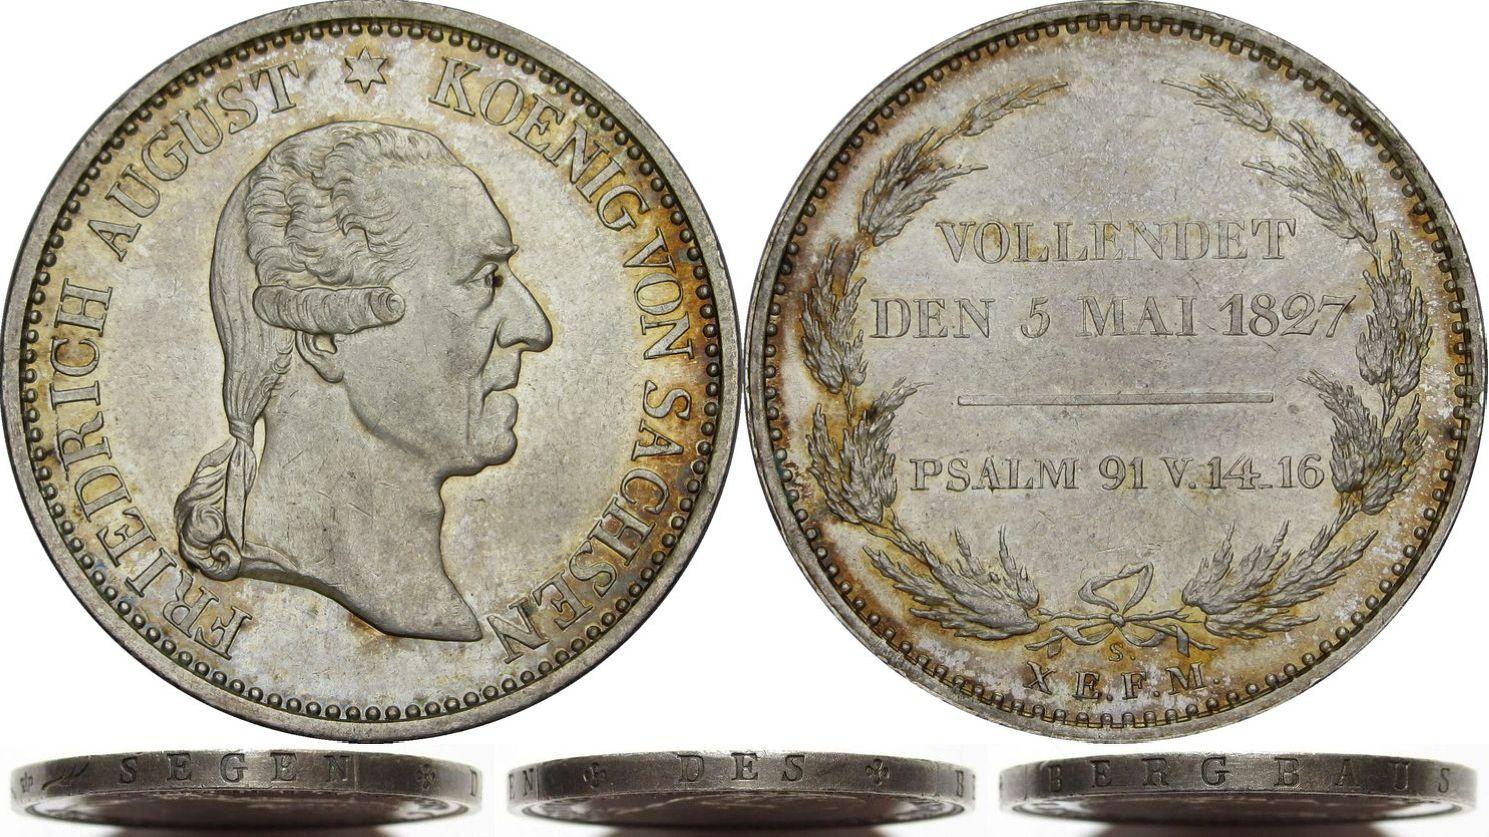 067 - Sterbe-Ausbeute-Speziestaler Sachsen 1827.jpg